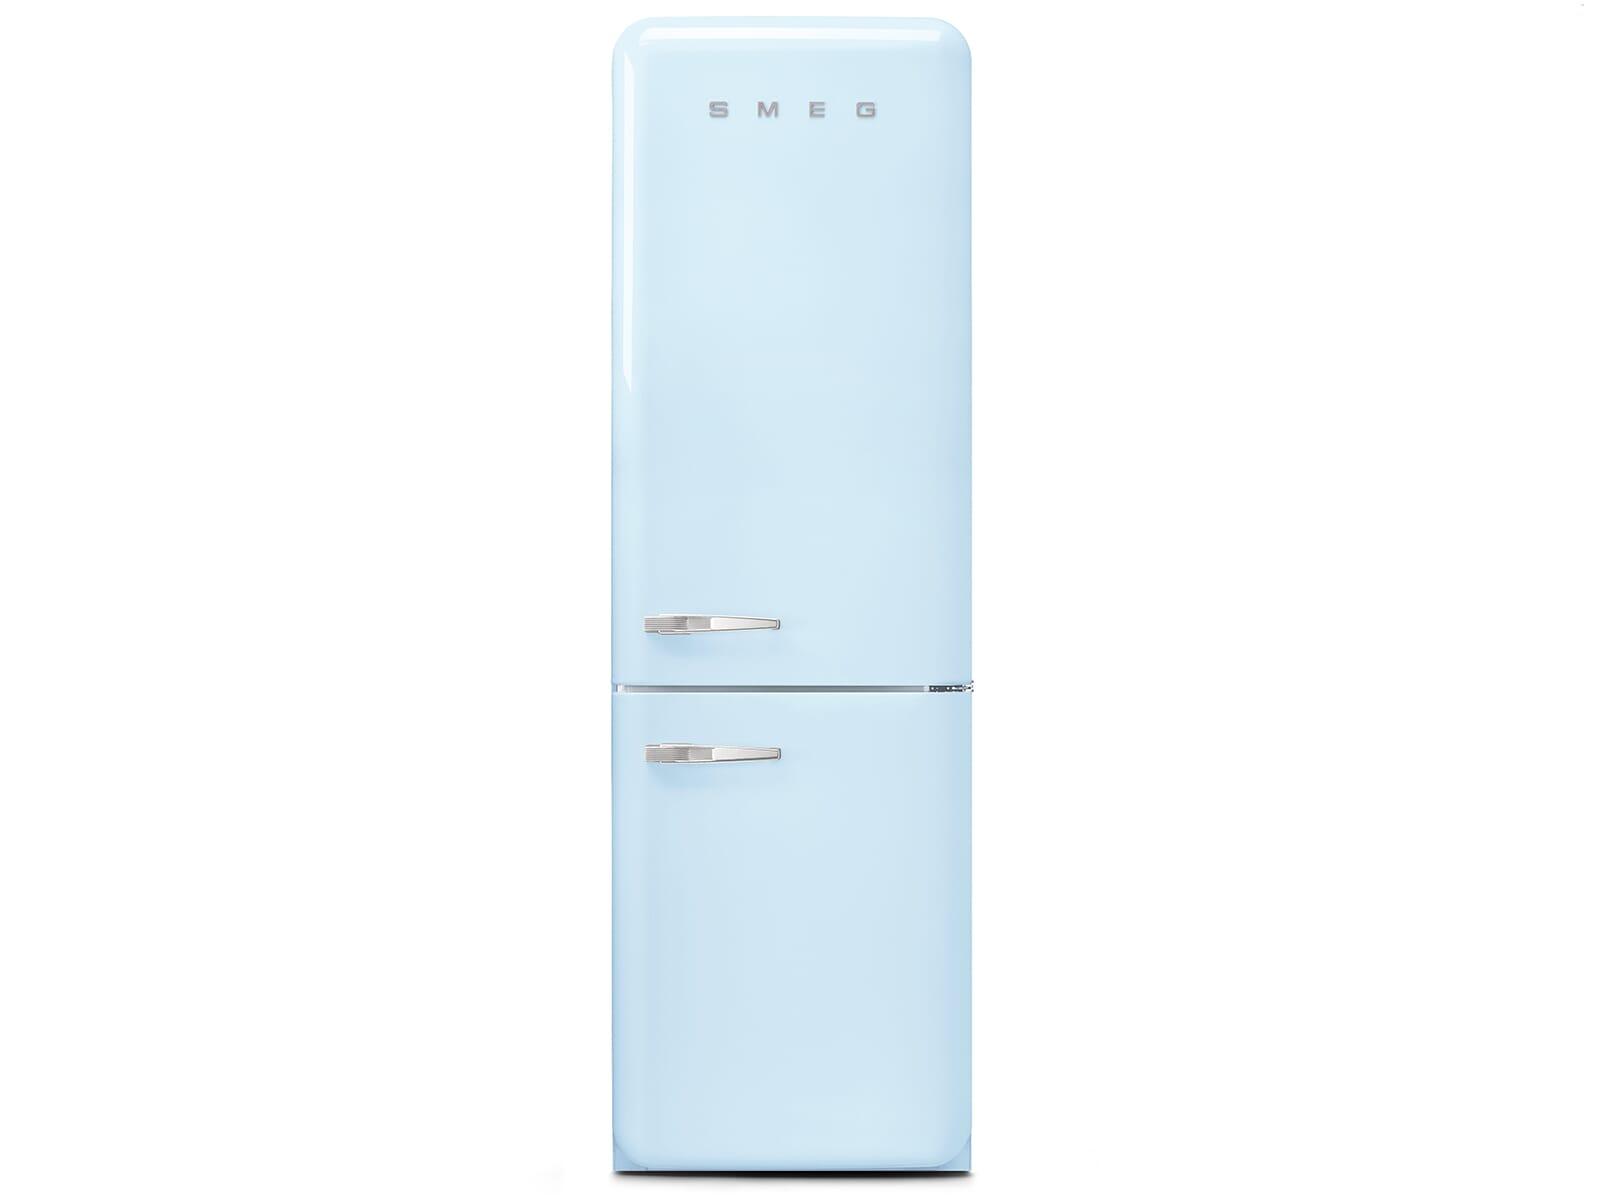 Smeg Kühlschrank 55 Cm : Smeg fab32rpb3 kühl gefrierkombination pastellblau